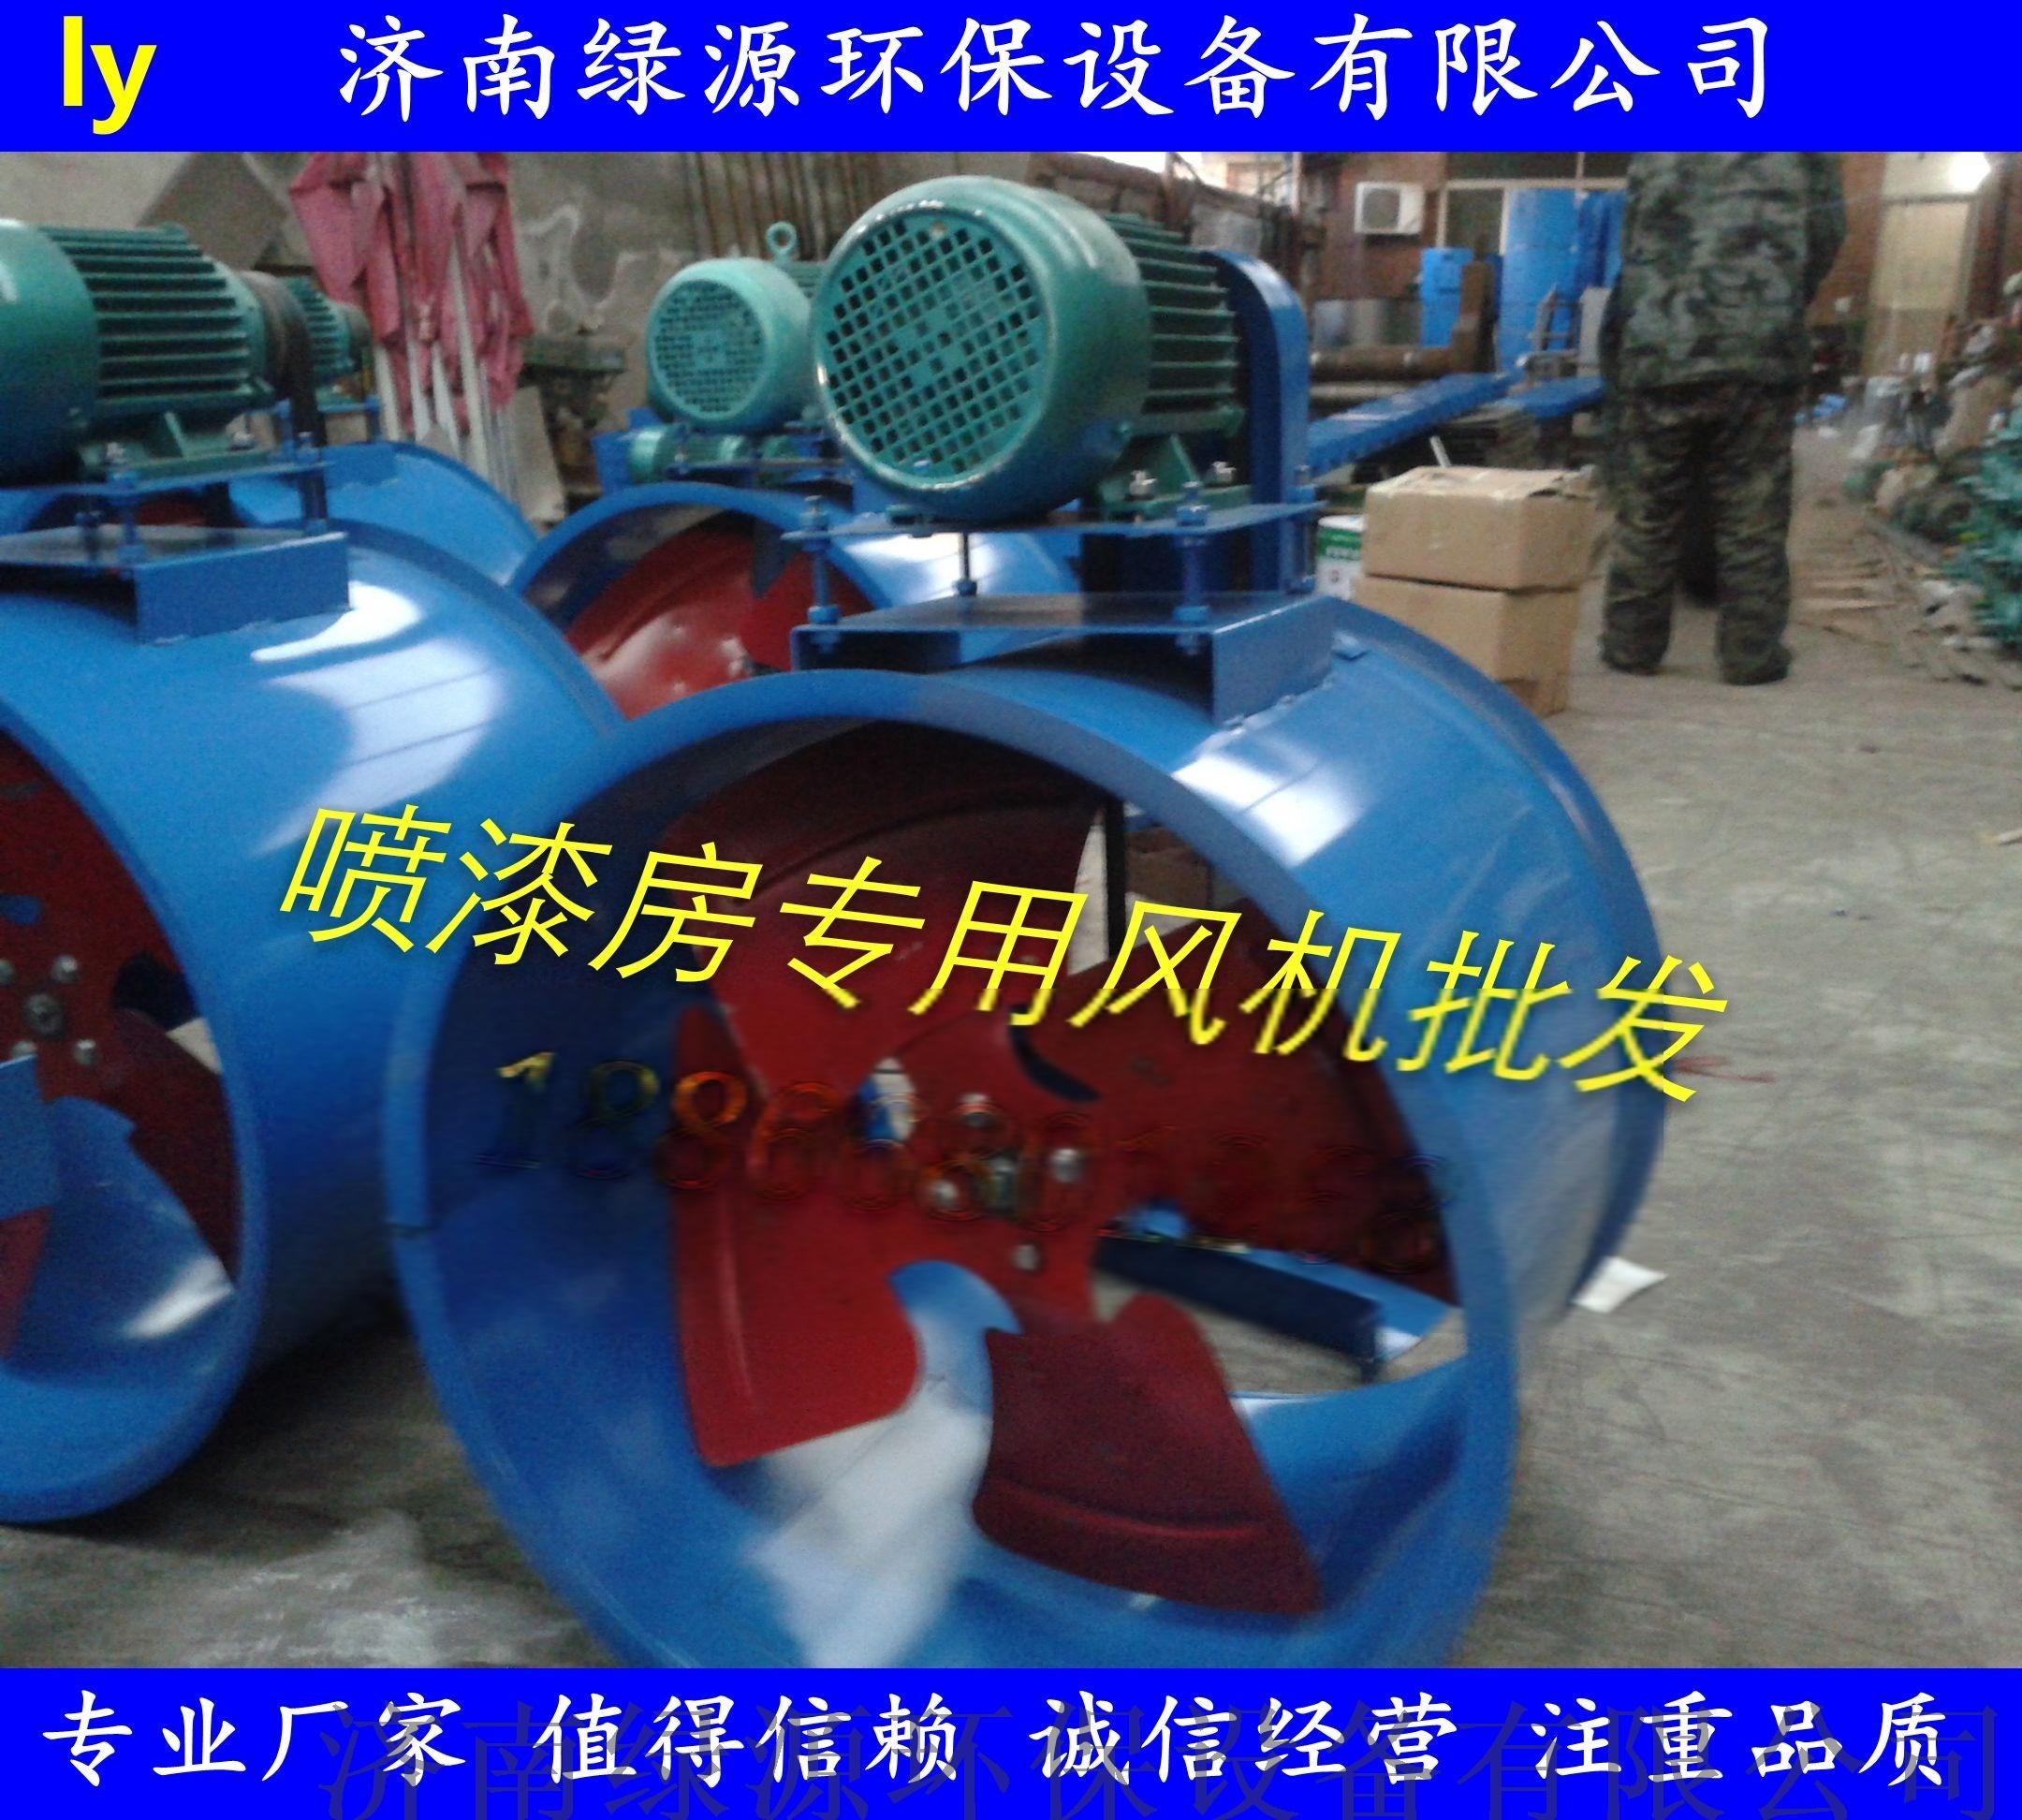 烤漆房配件 噴漆房風機 過濾棉 網格 烤燈 控制箱70076142